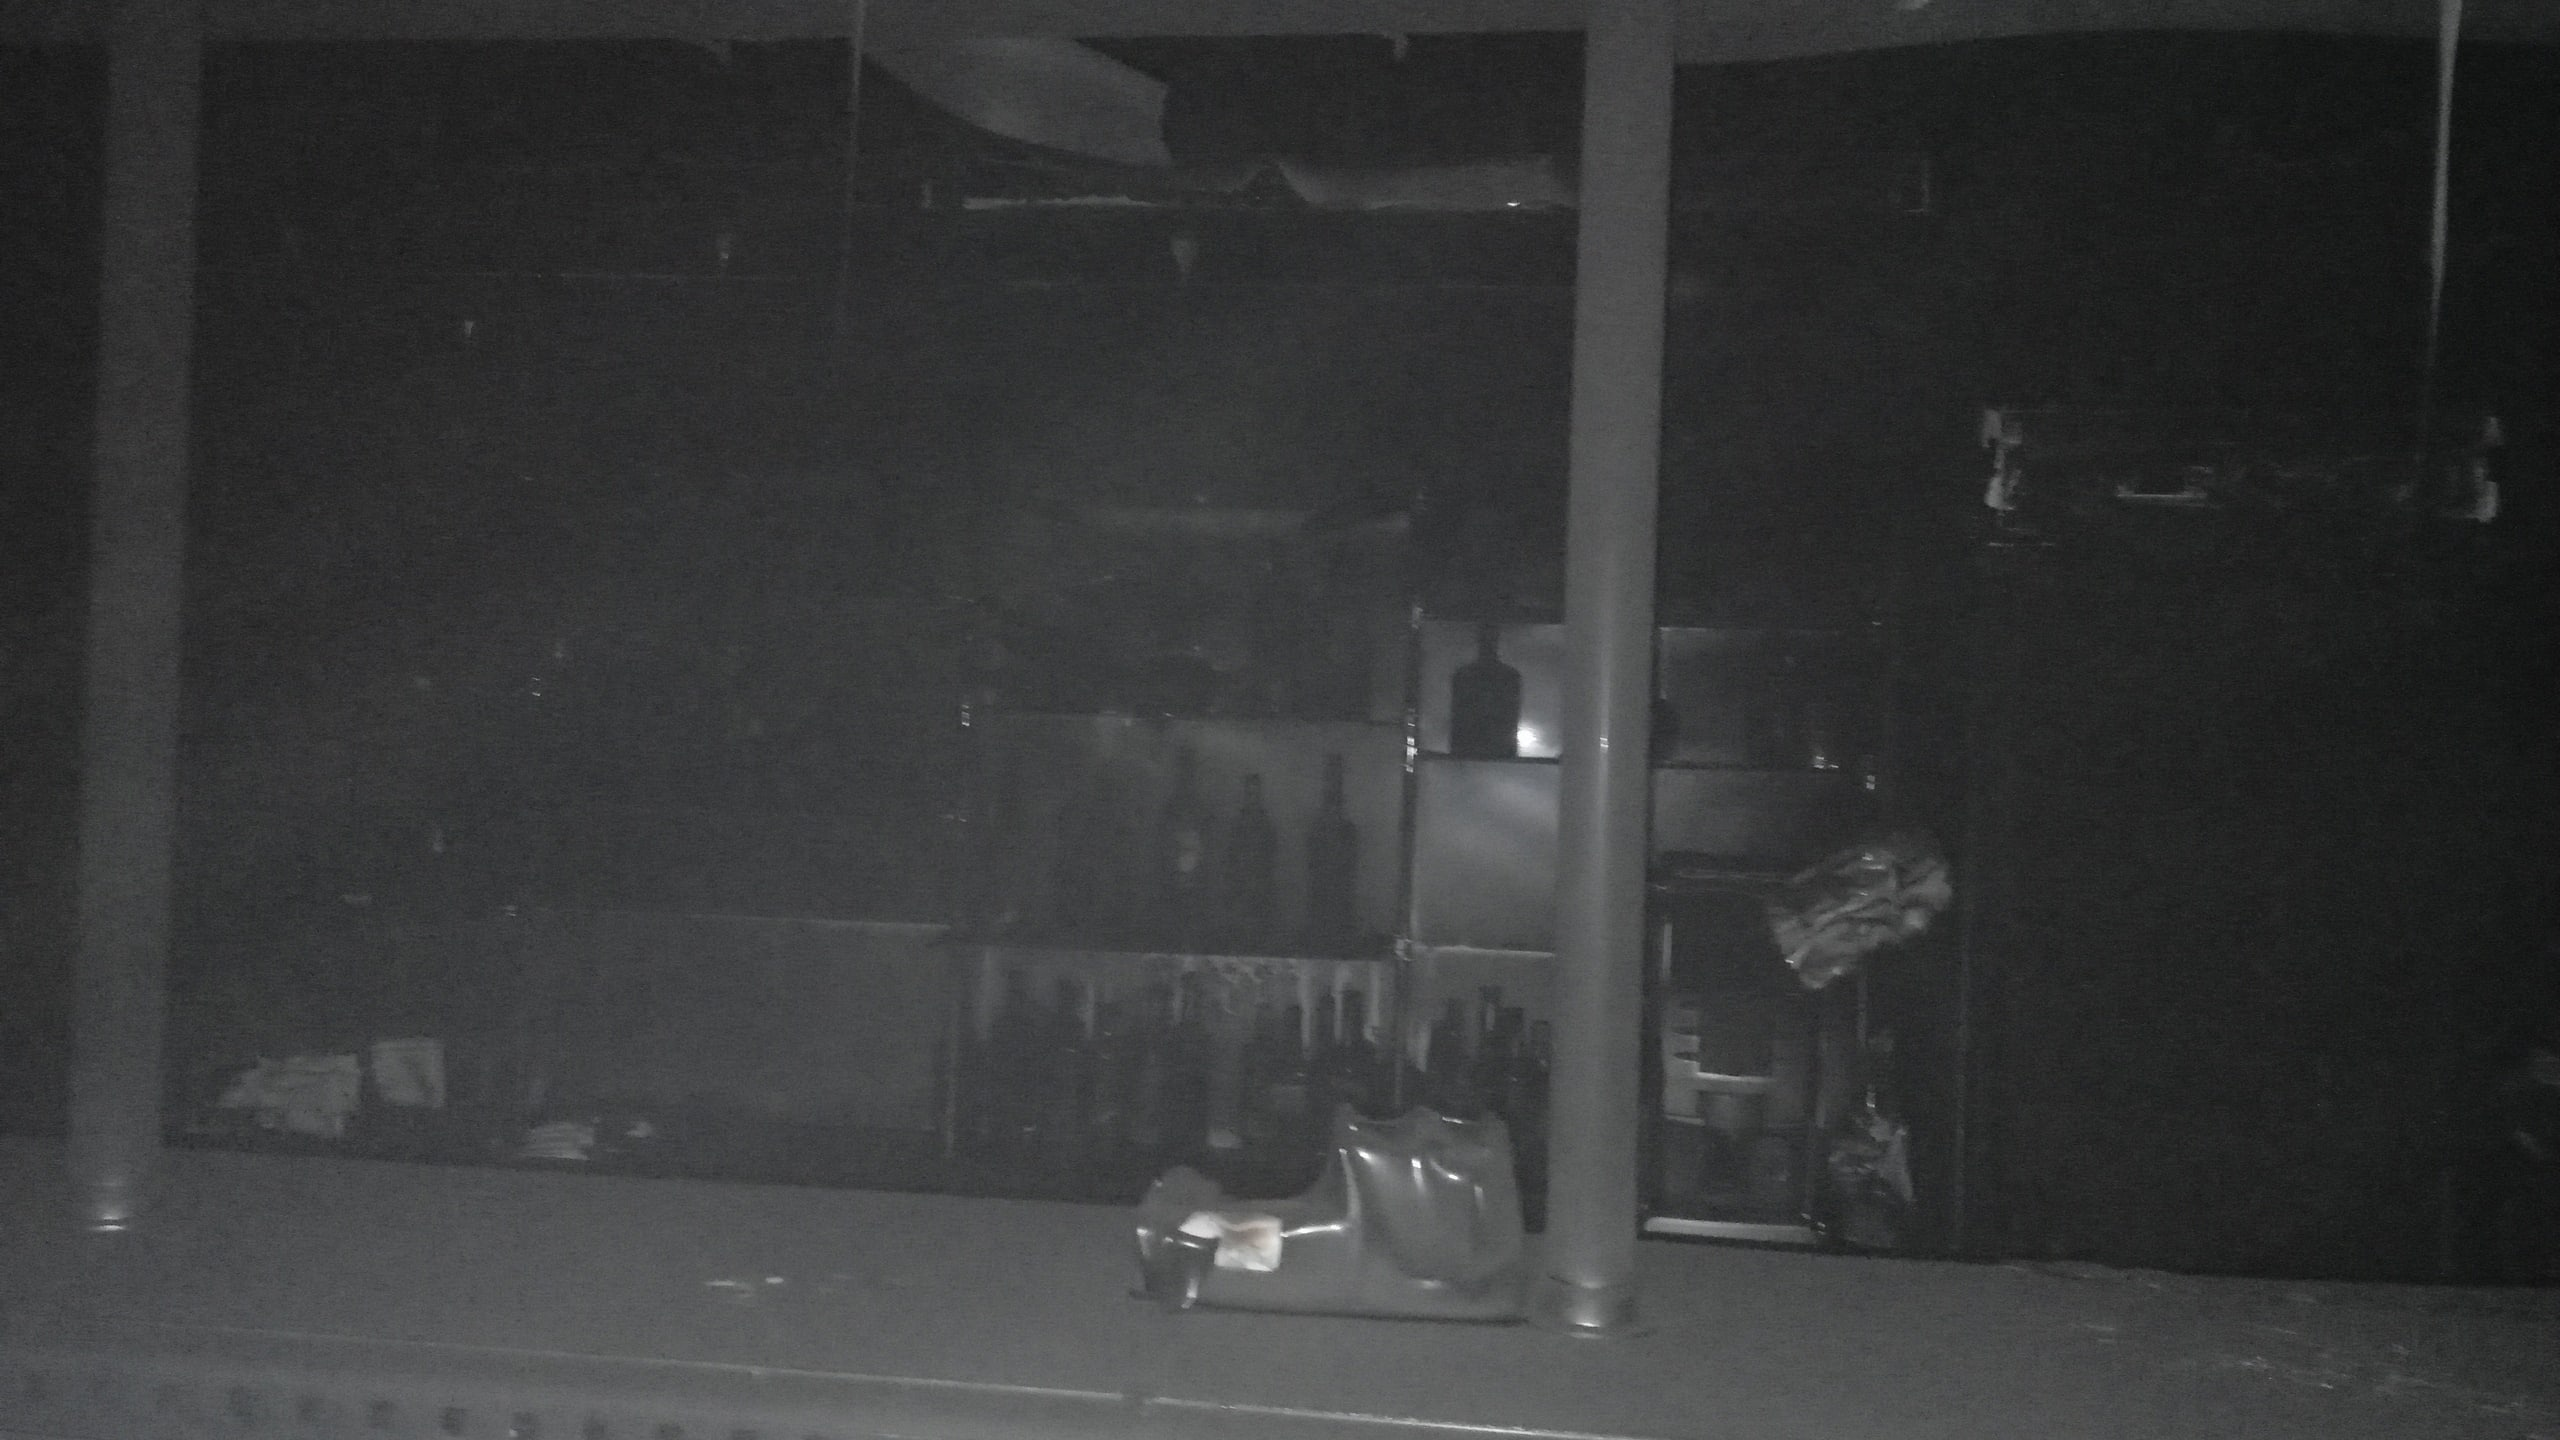 В Стаханове в ресторан и аптеку, принадлежащие «мэру» города, бросили коктейли Молотова, — соцсети